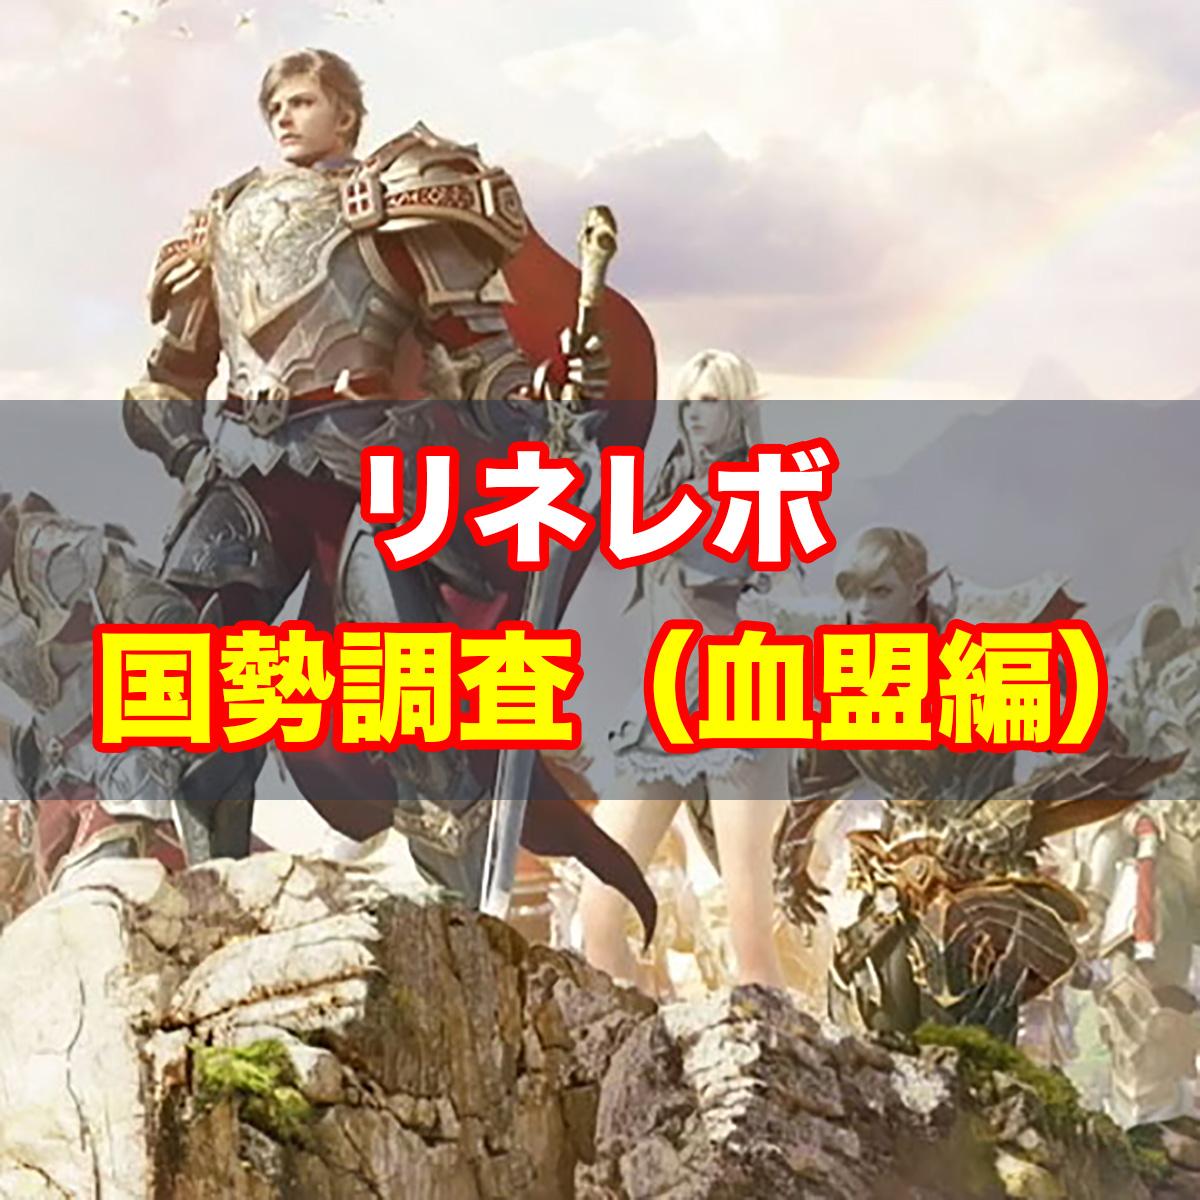 リネレボ 国勢調査(血盟編)